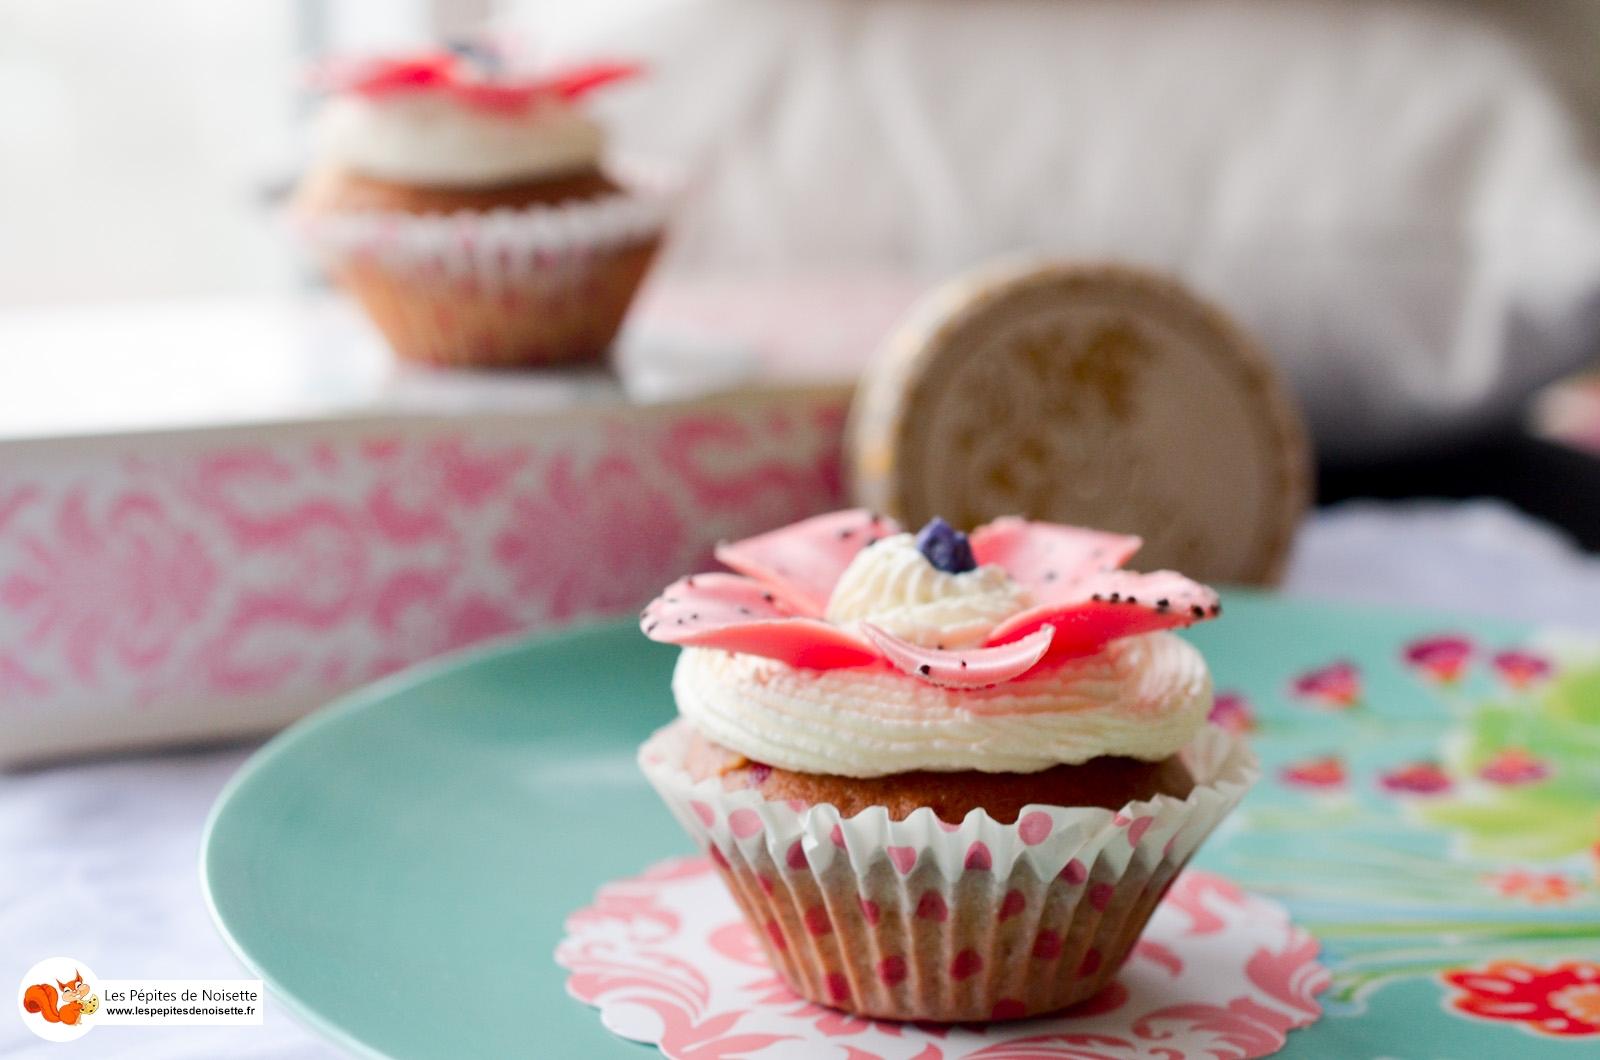 Muffin Framboise Violette Boissier (8 Sur 10)